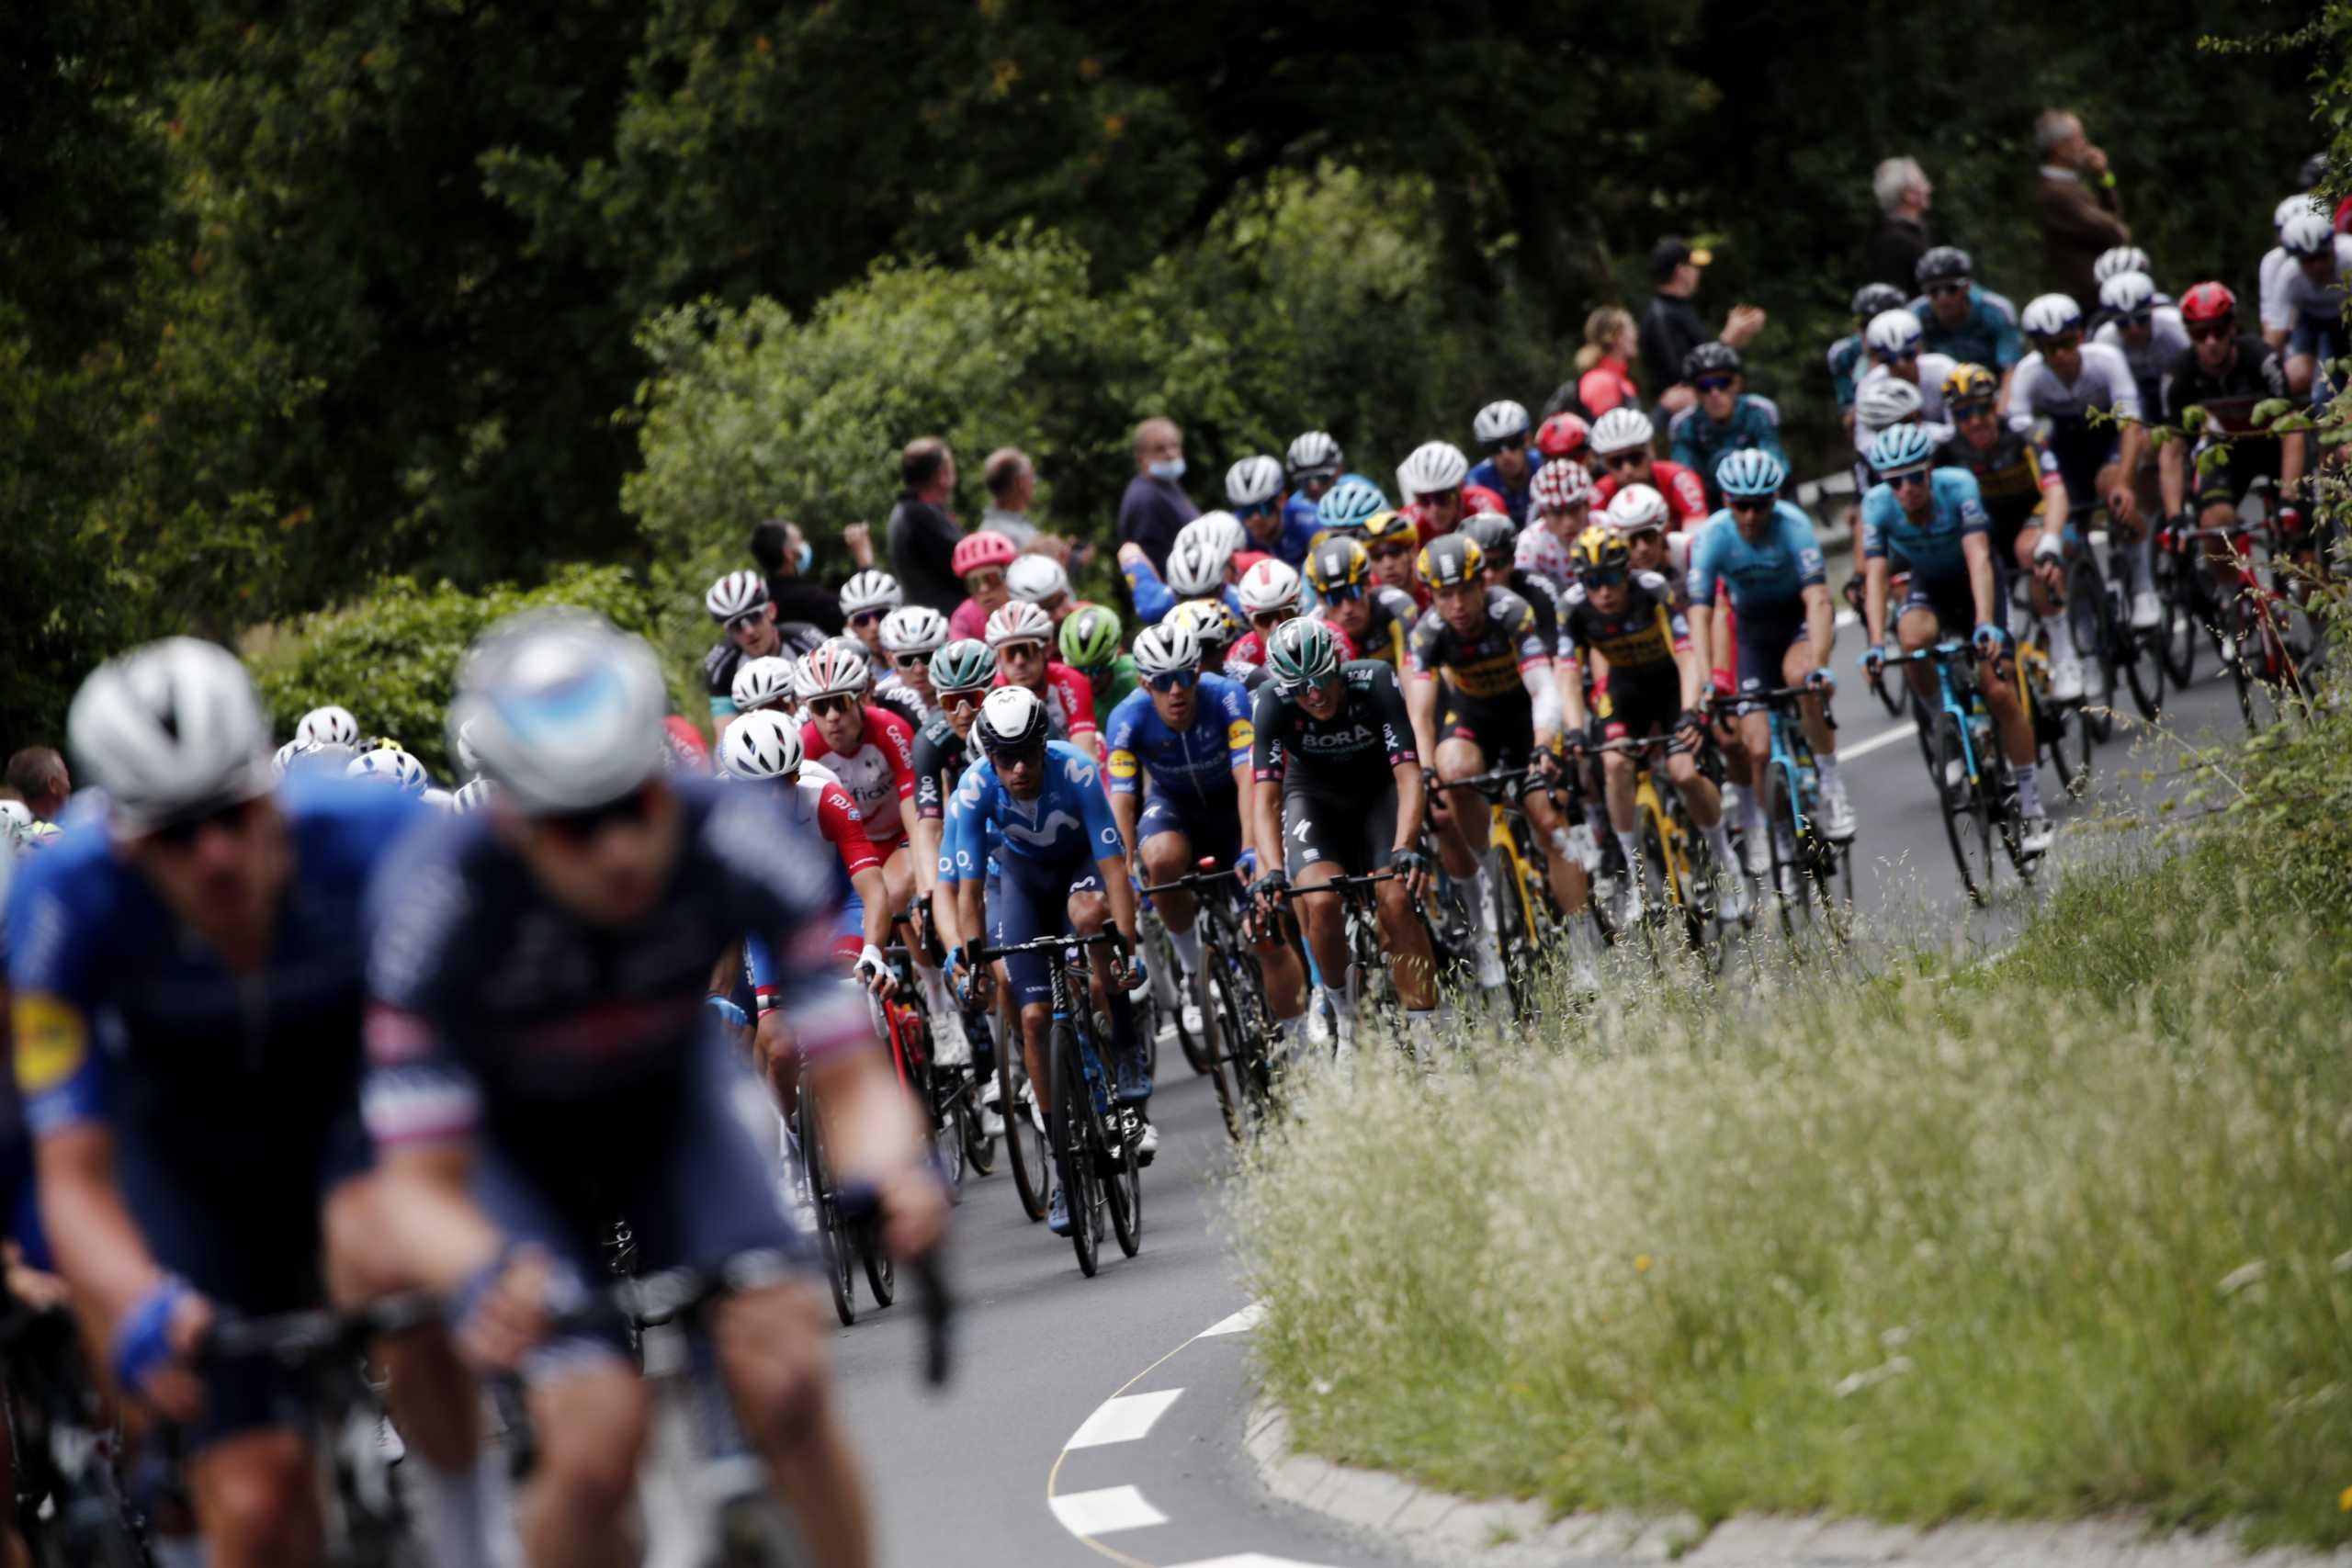 Συνελήφθη γυναίκα για το απίστευτο «τροχαίο» στο Tour de France